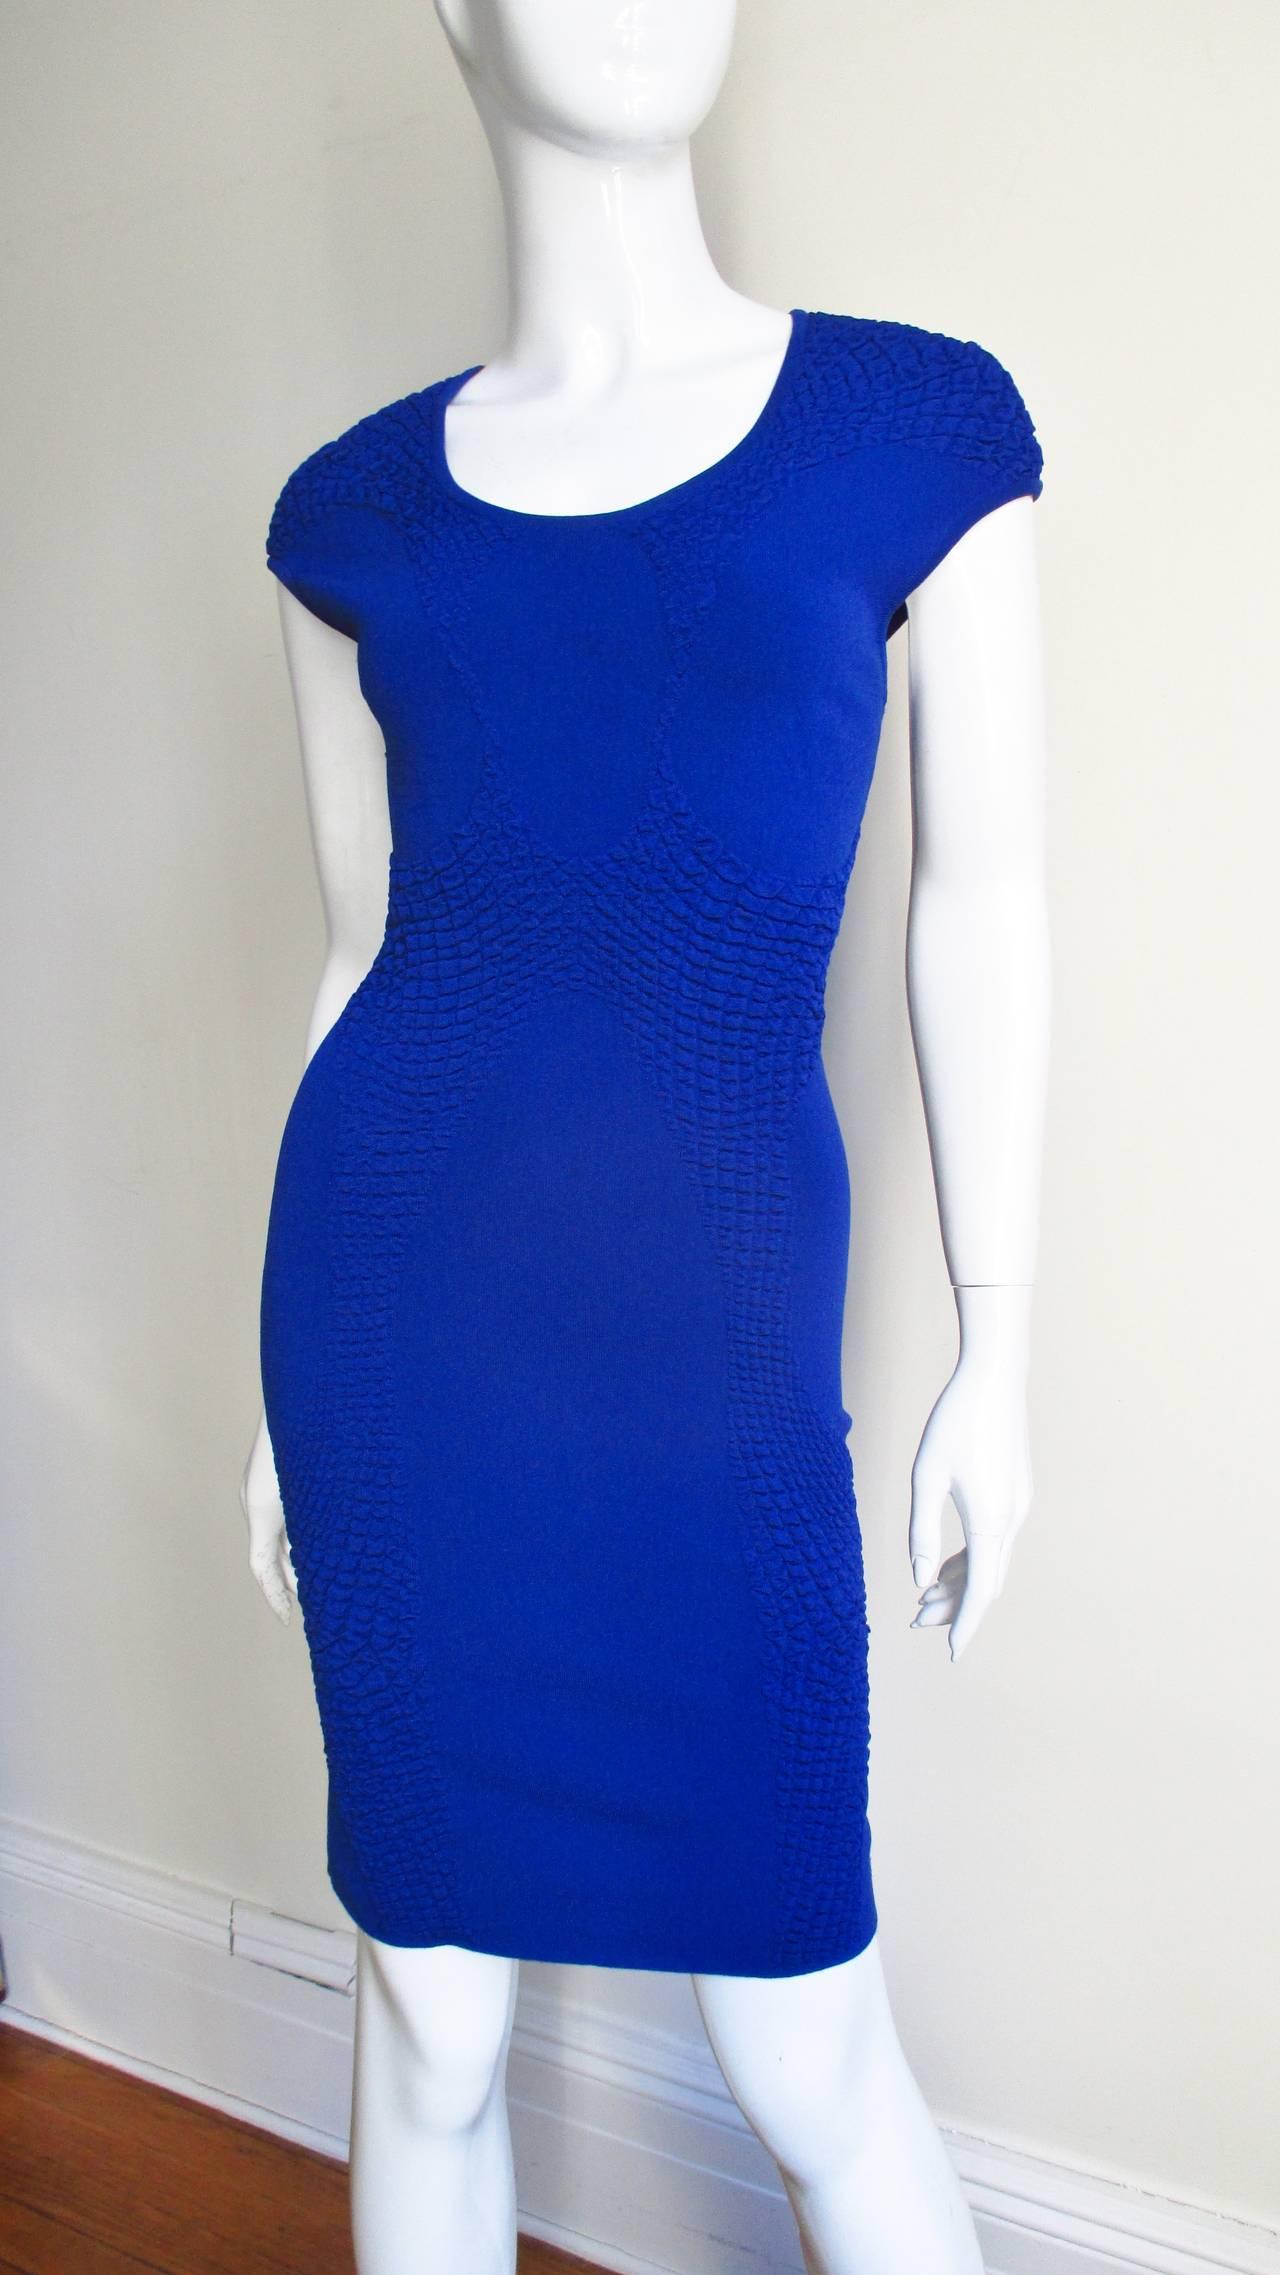 Alexander McQueen Bodycon Dress 5